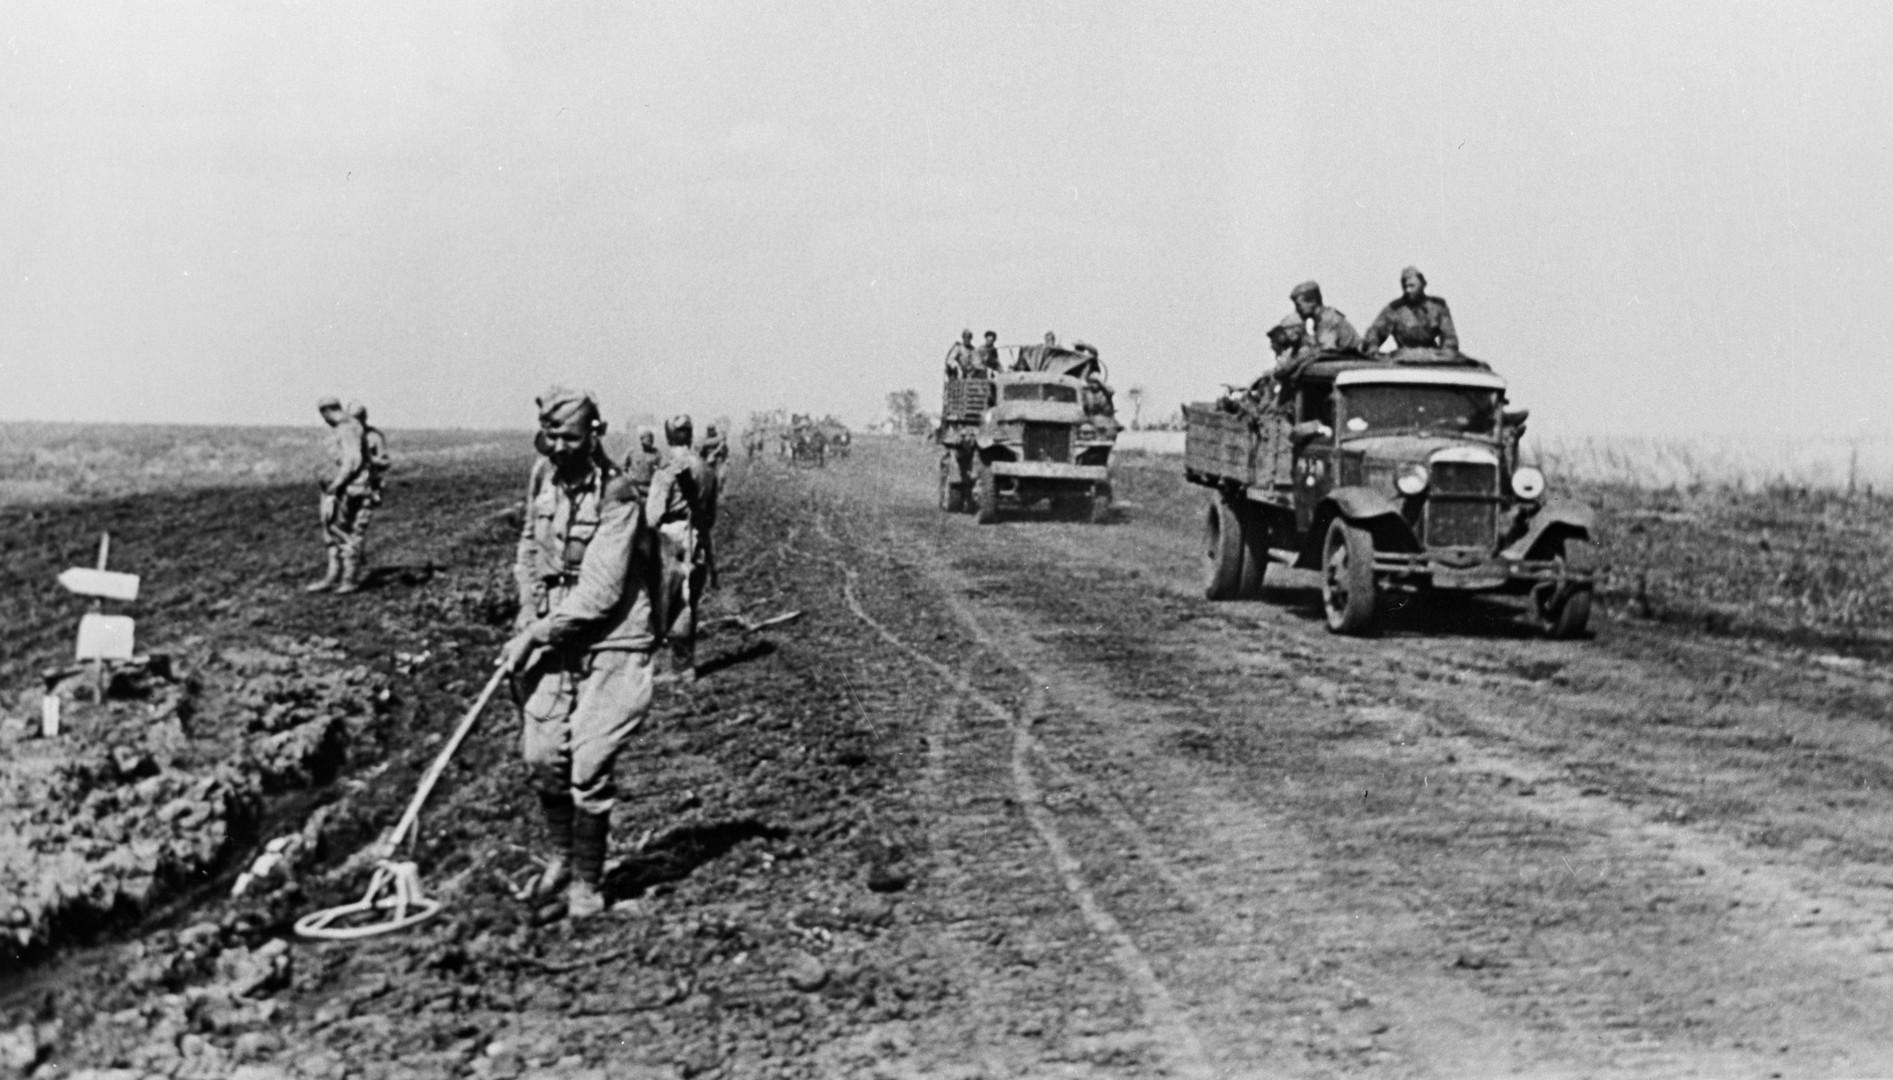 Unternehmen Zitadelle: Die größte Panzerschlacht der Geschichte